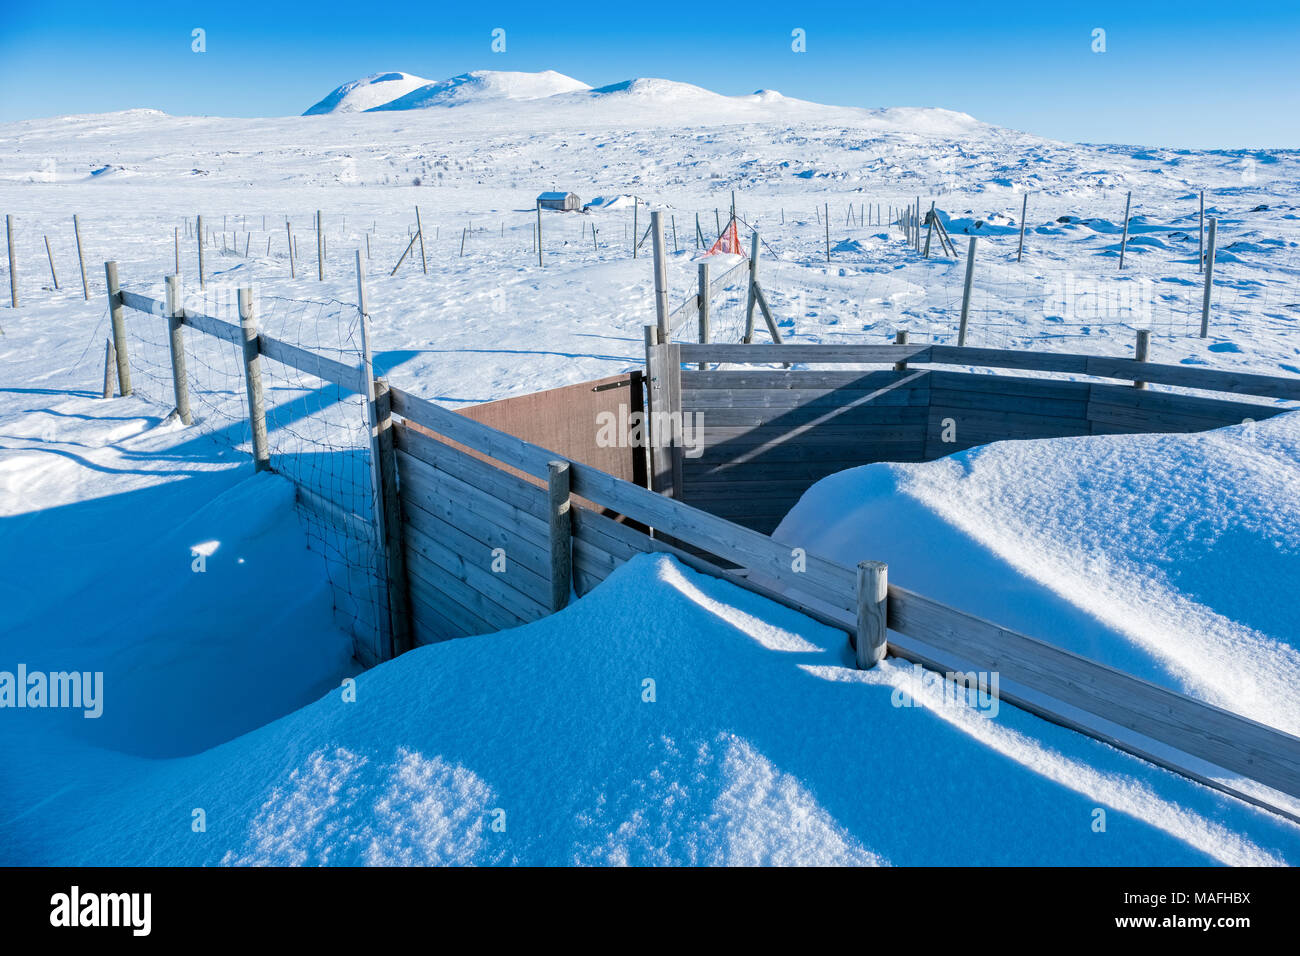 Reindeer pens in winter, Swedish Lapland - Stock Image